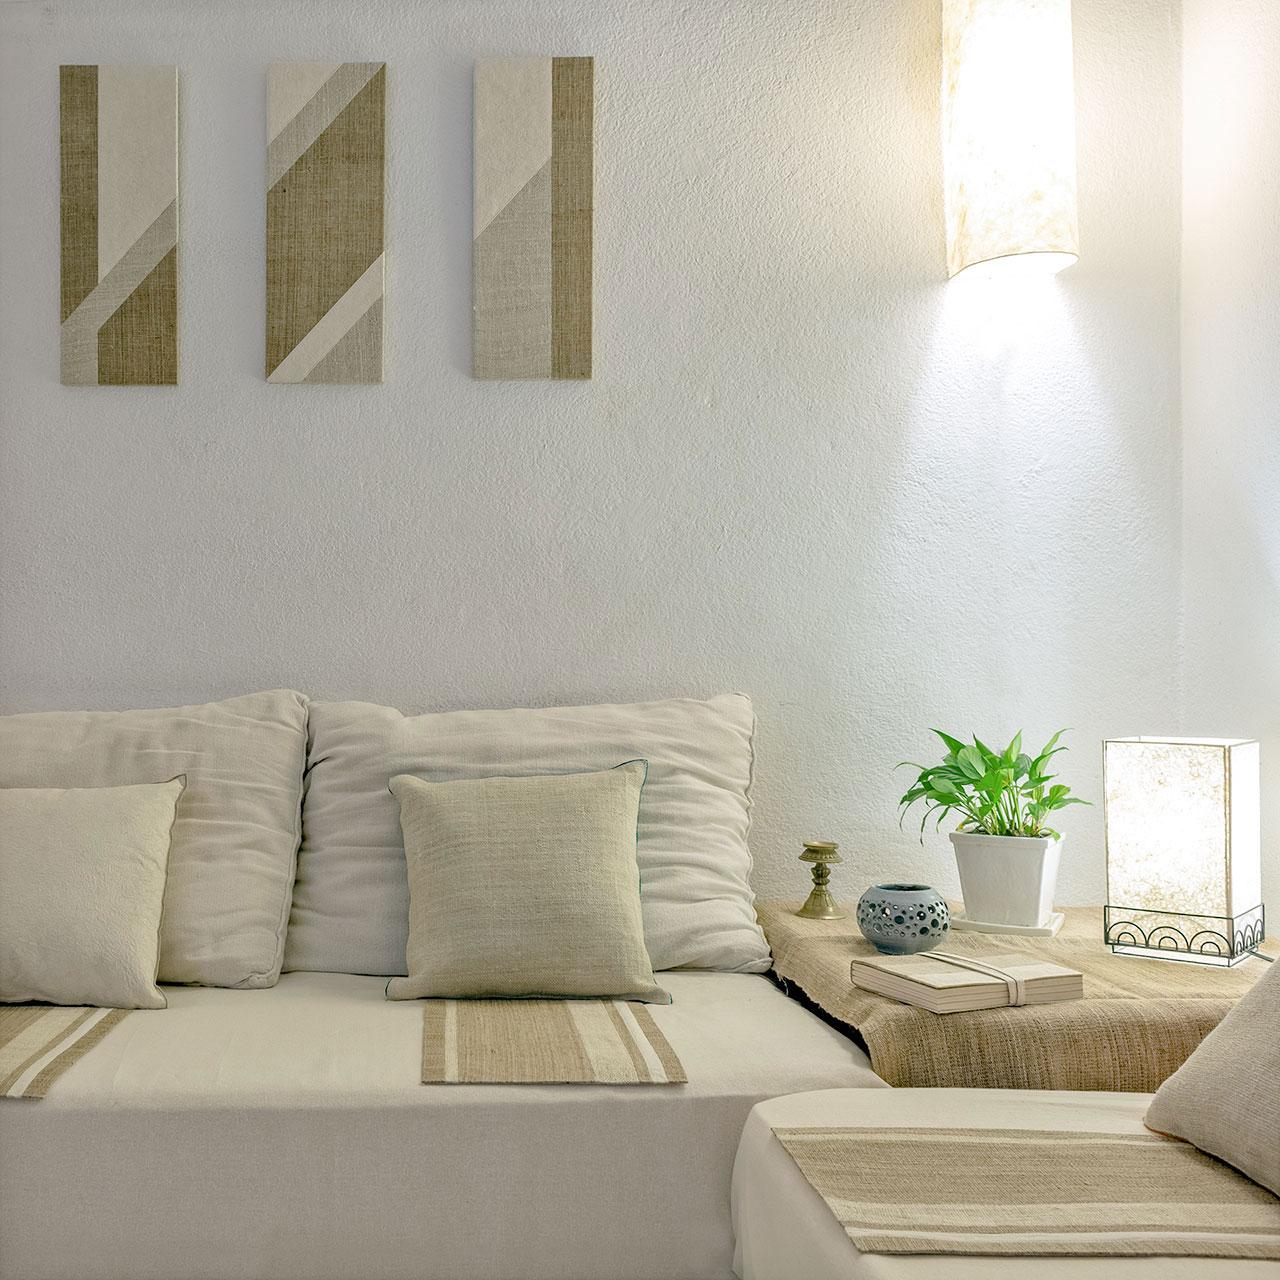 Interior-sustainable-wallart